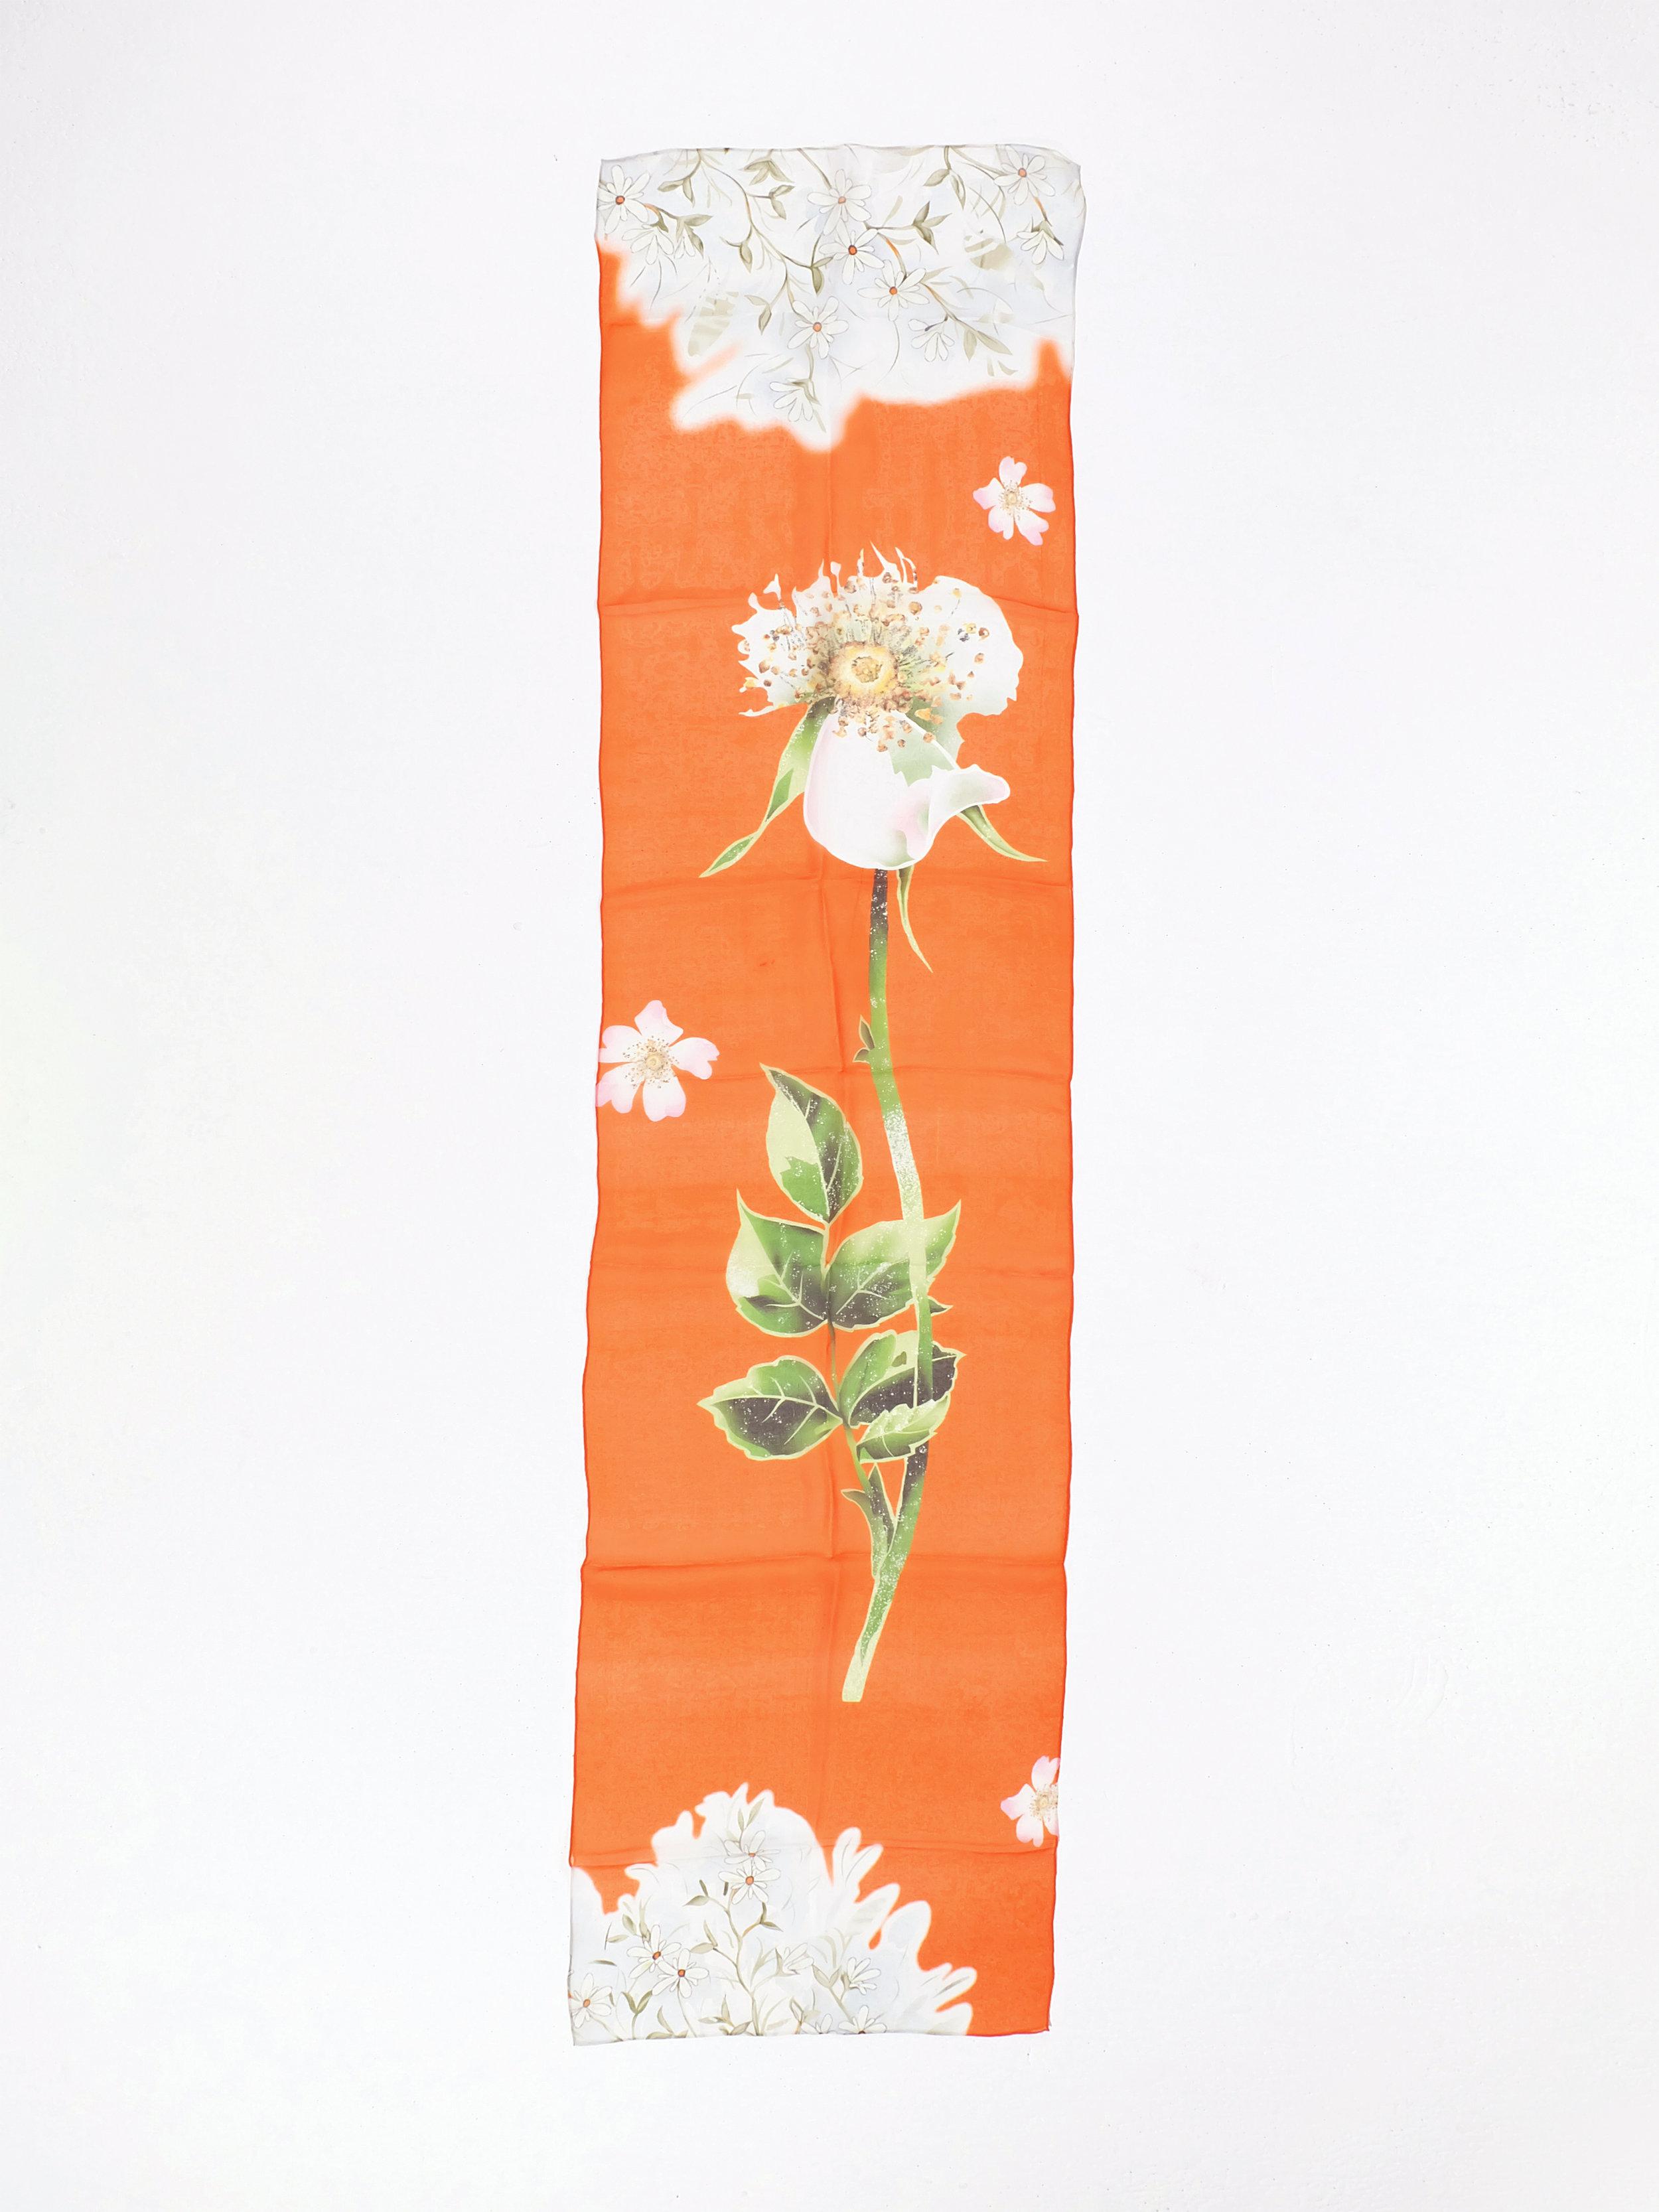 First Blooms (Orange) - 182x40cm